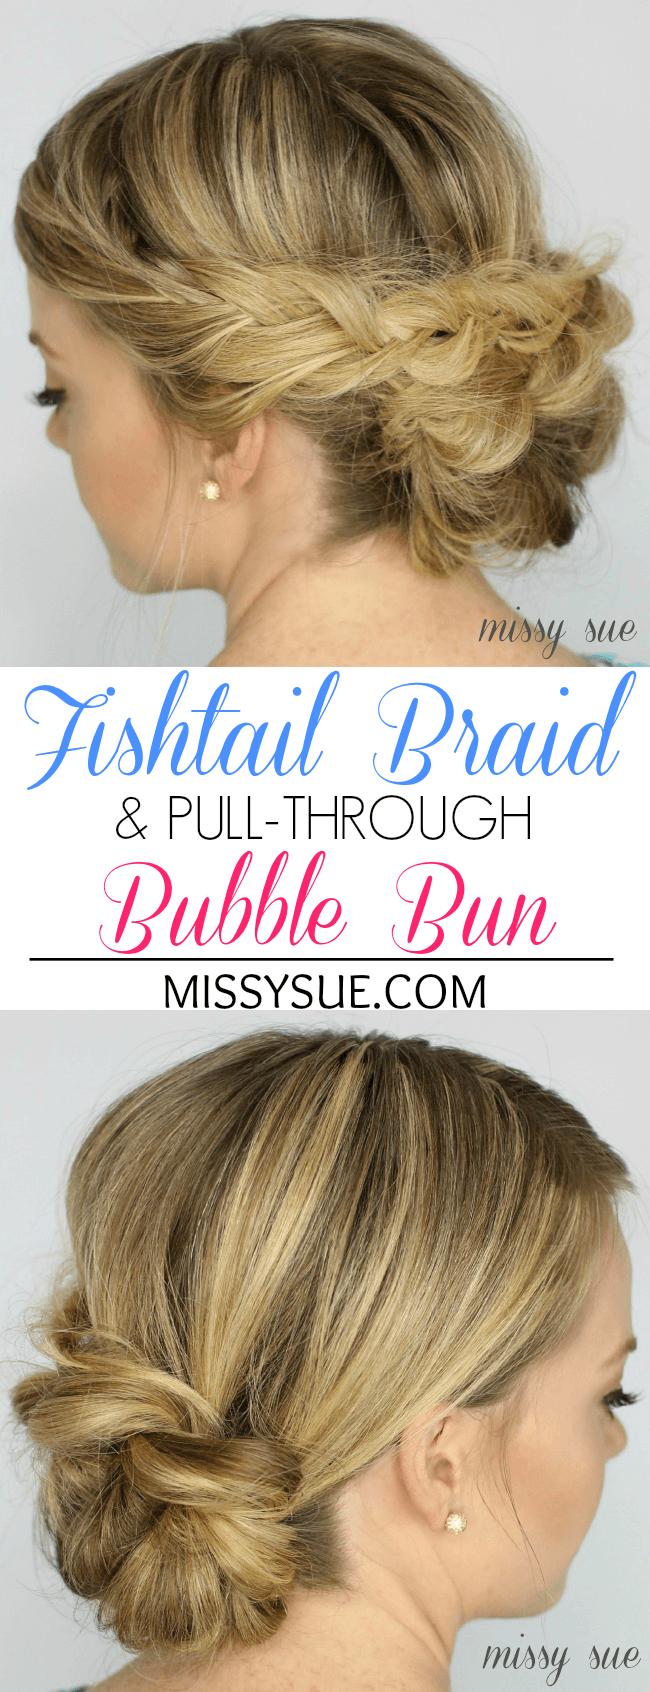 fishtail braid and pull through bubble bun missy sue tutorial Fishtail Braid and Pull Through Bubble Bun